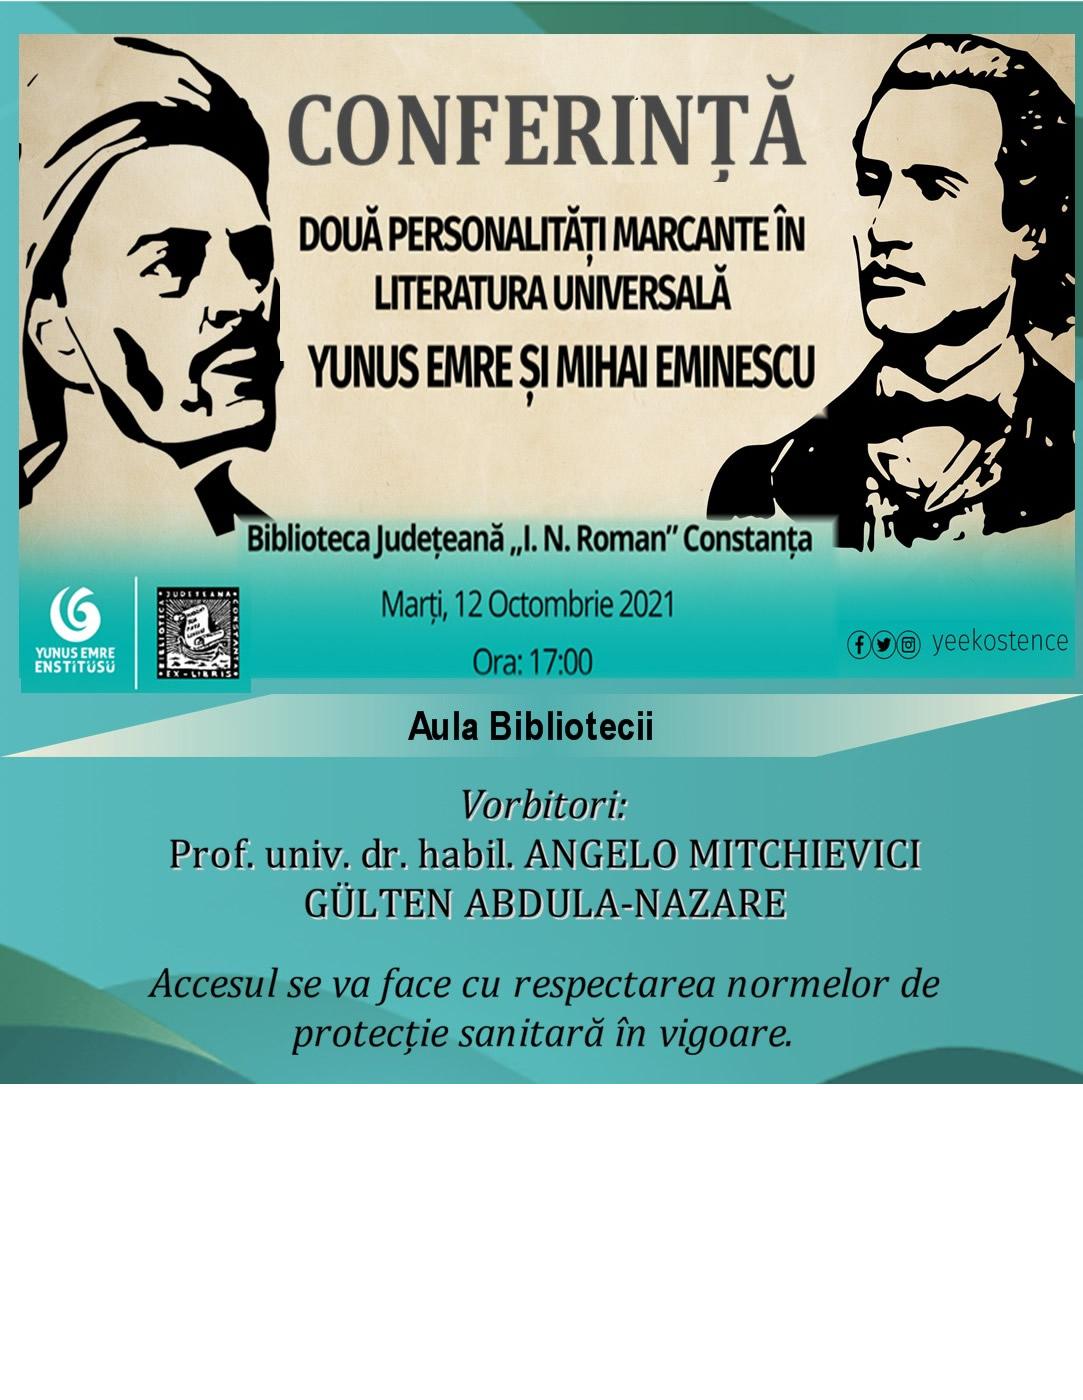 """Conferința """"Două personalități marcante în literatura universală: Yunus Emre și Mihai Eminescu"""" - 12.10.2021"""